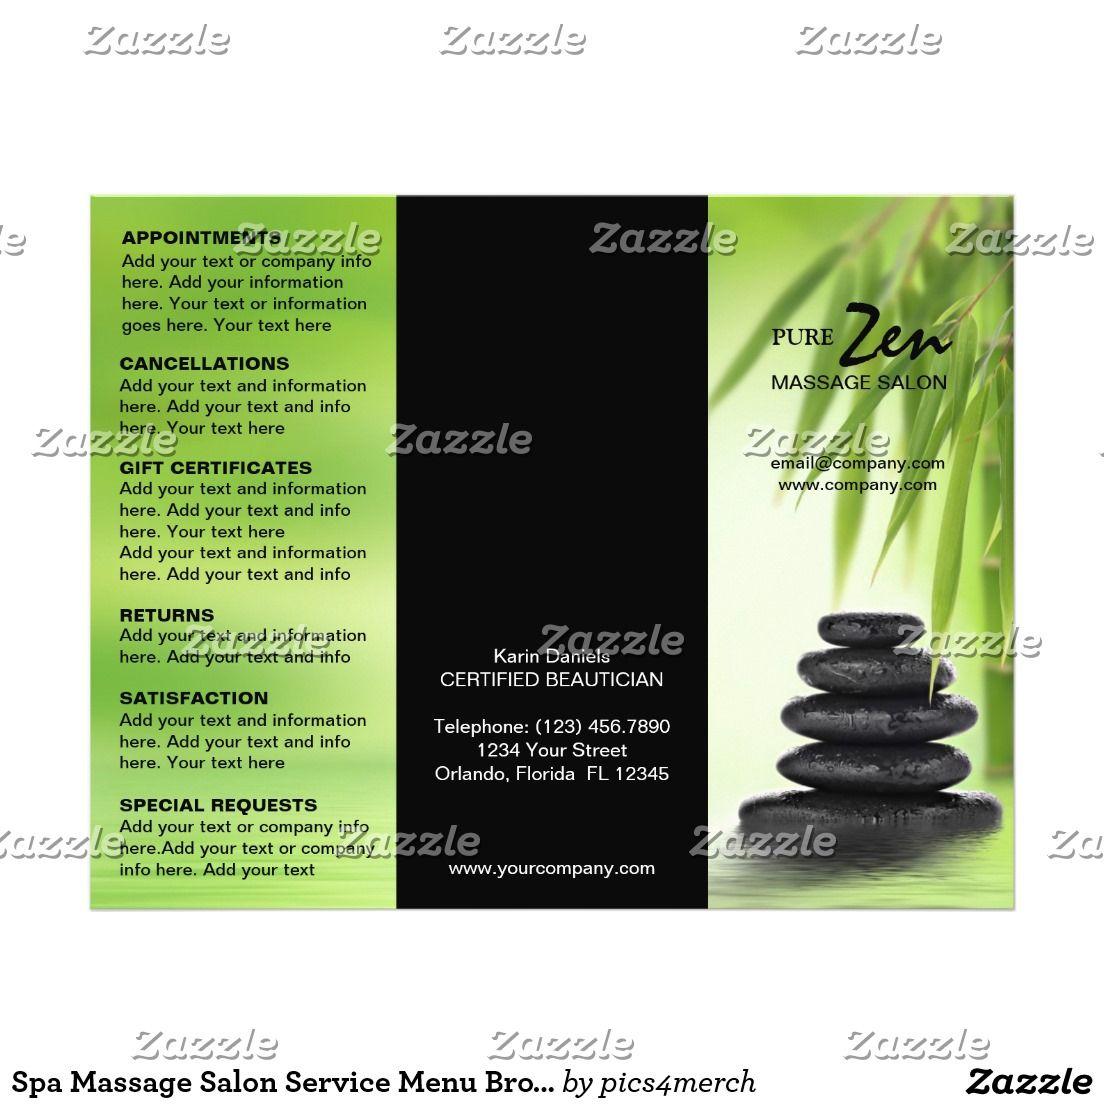 Spa Massage Salon Service Menu Brochure Template Branding Ideas